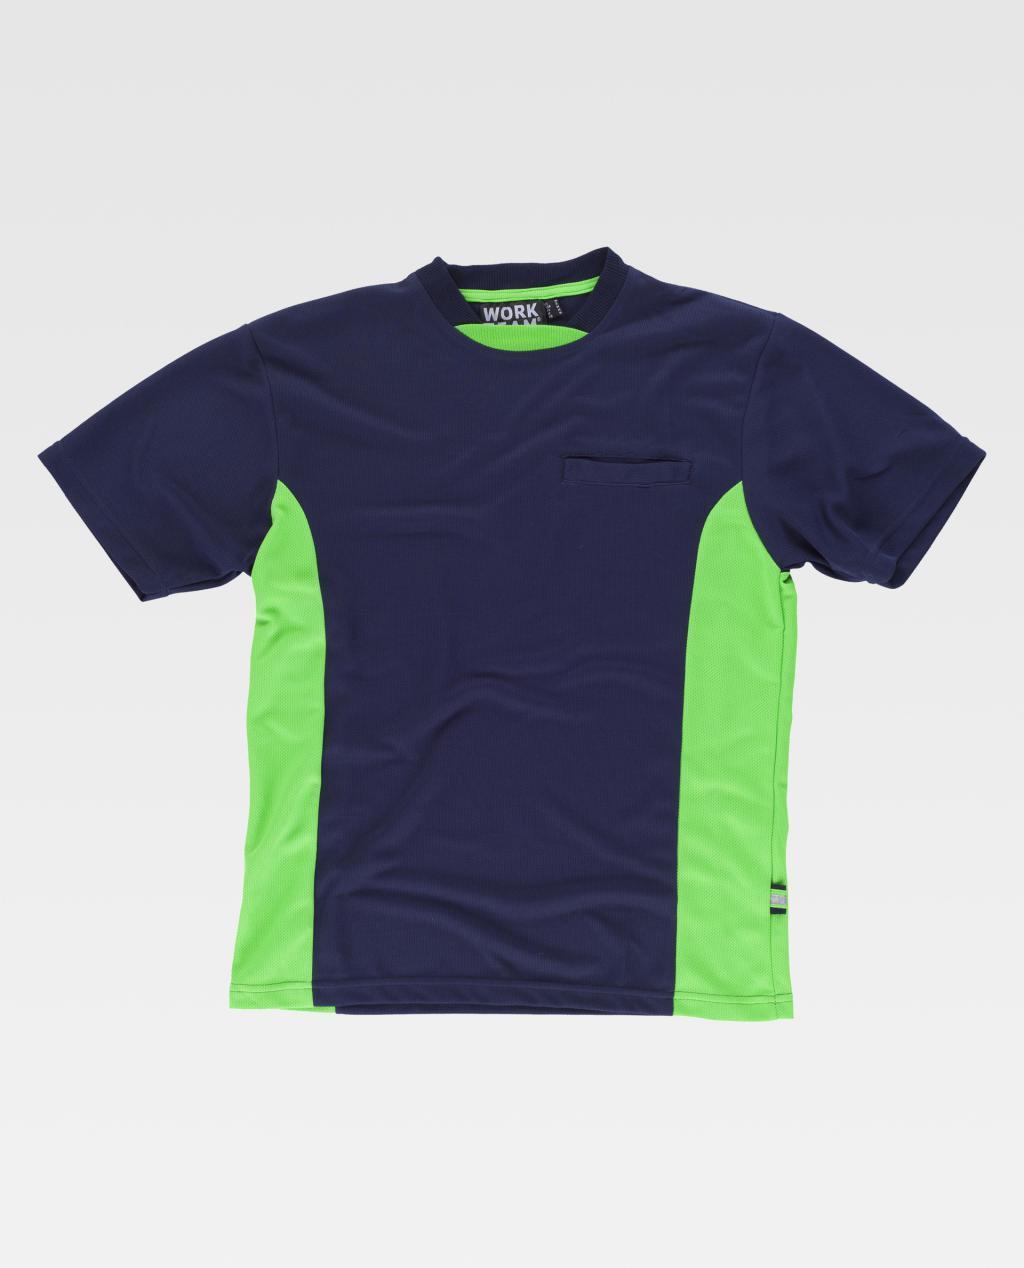 T-Shirt W/T 100%Poliester